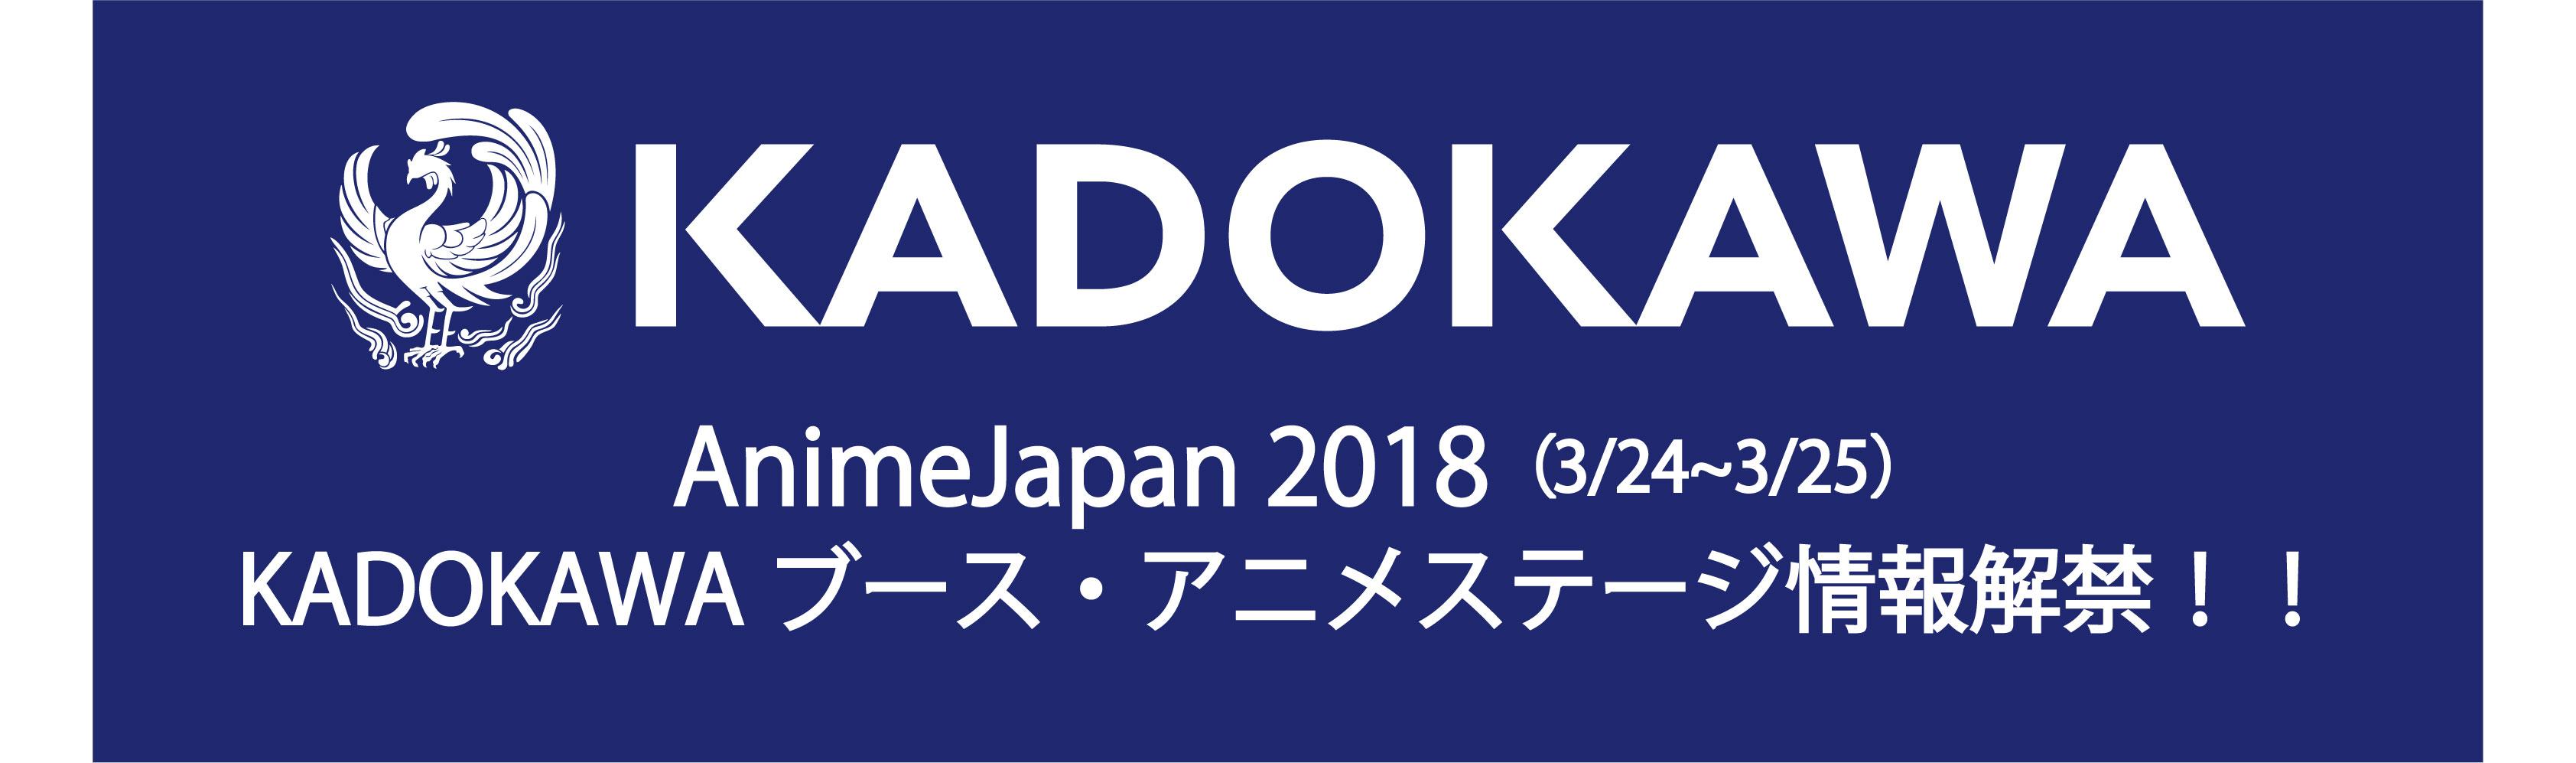 アニメジャパン2018 KADOKAWAブース・アニメステージ開催決定